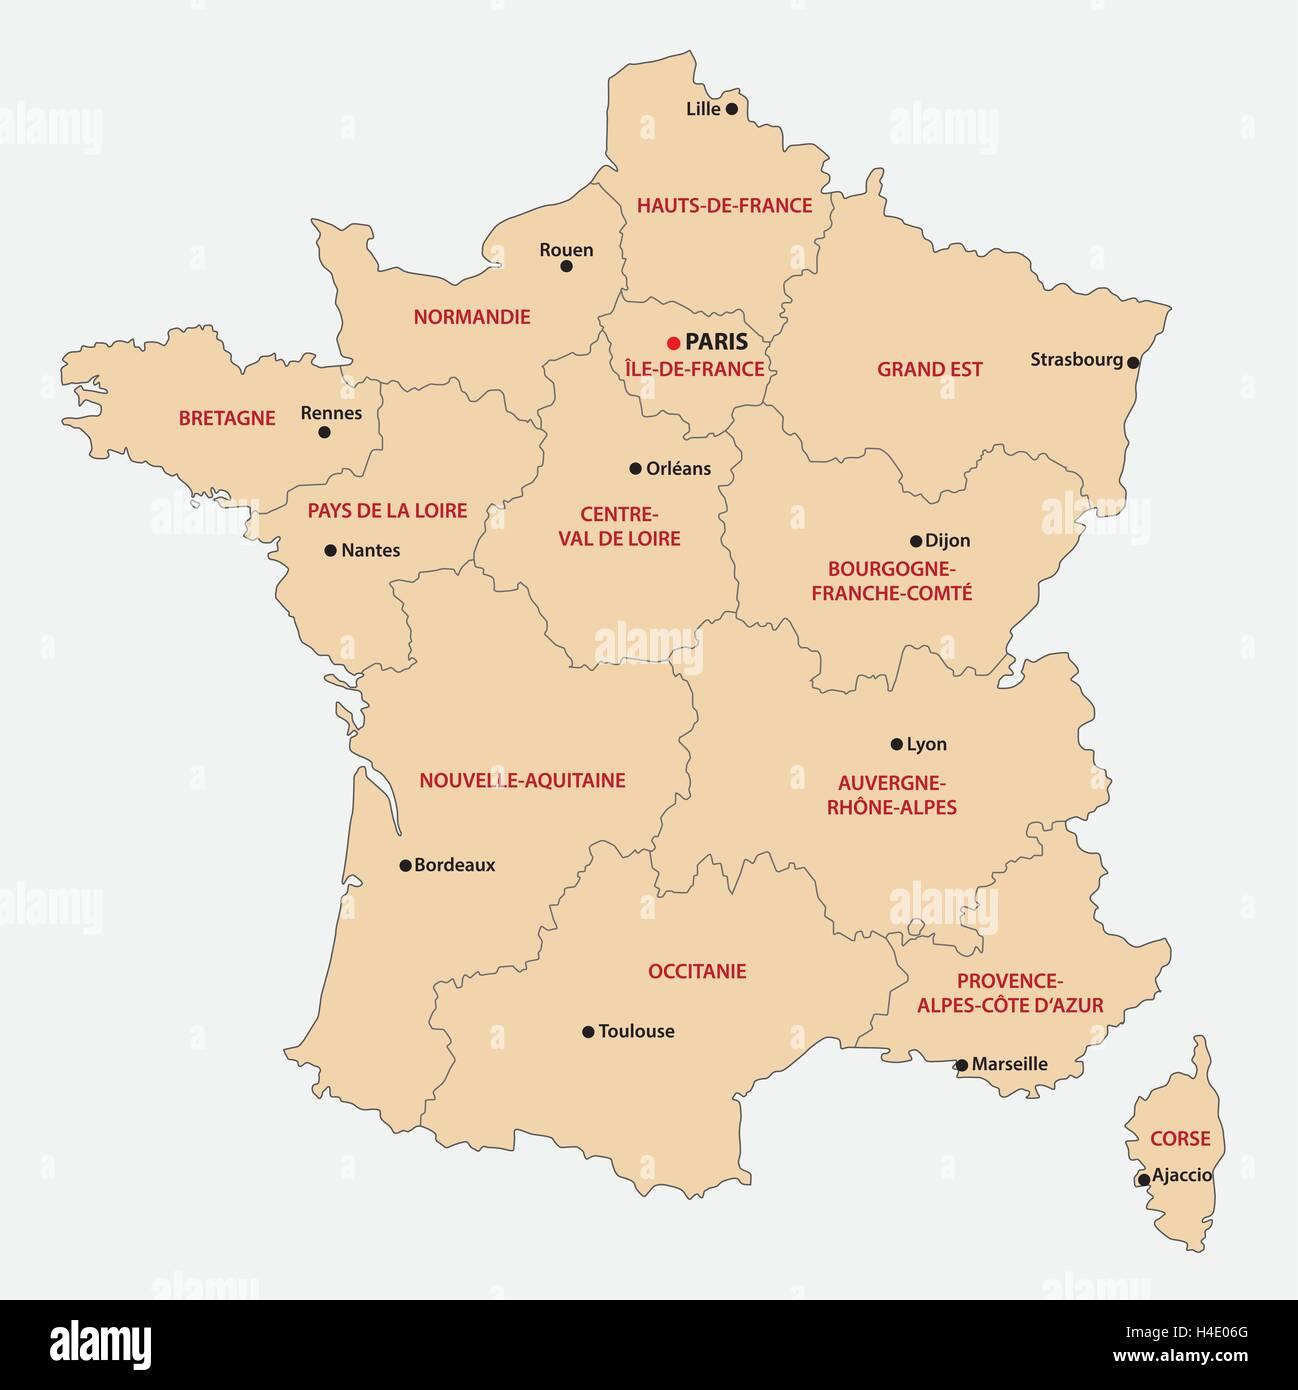 Regioni Francia Cartina.Mappa Amministrativa Delle 13 Regioni Della Francia Dal 2016 Immagine E Vettoriale Alamy